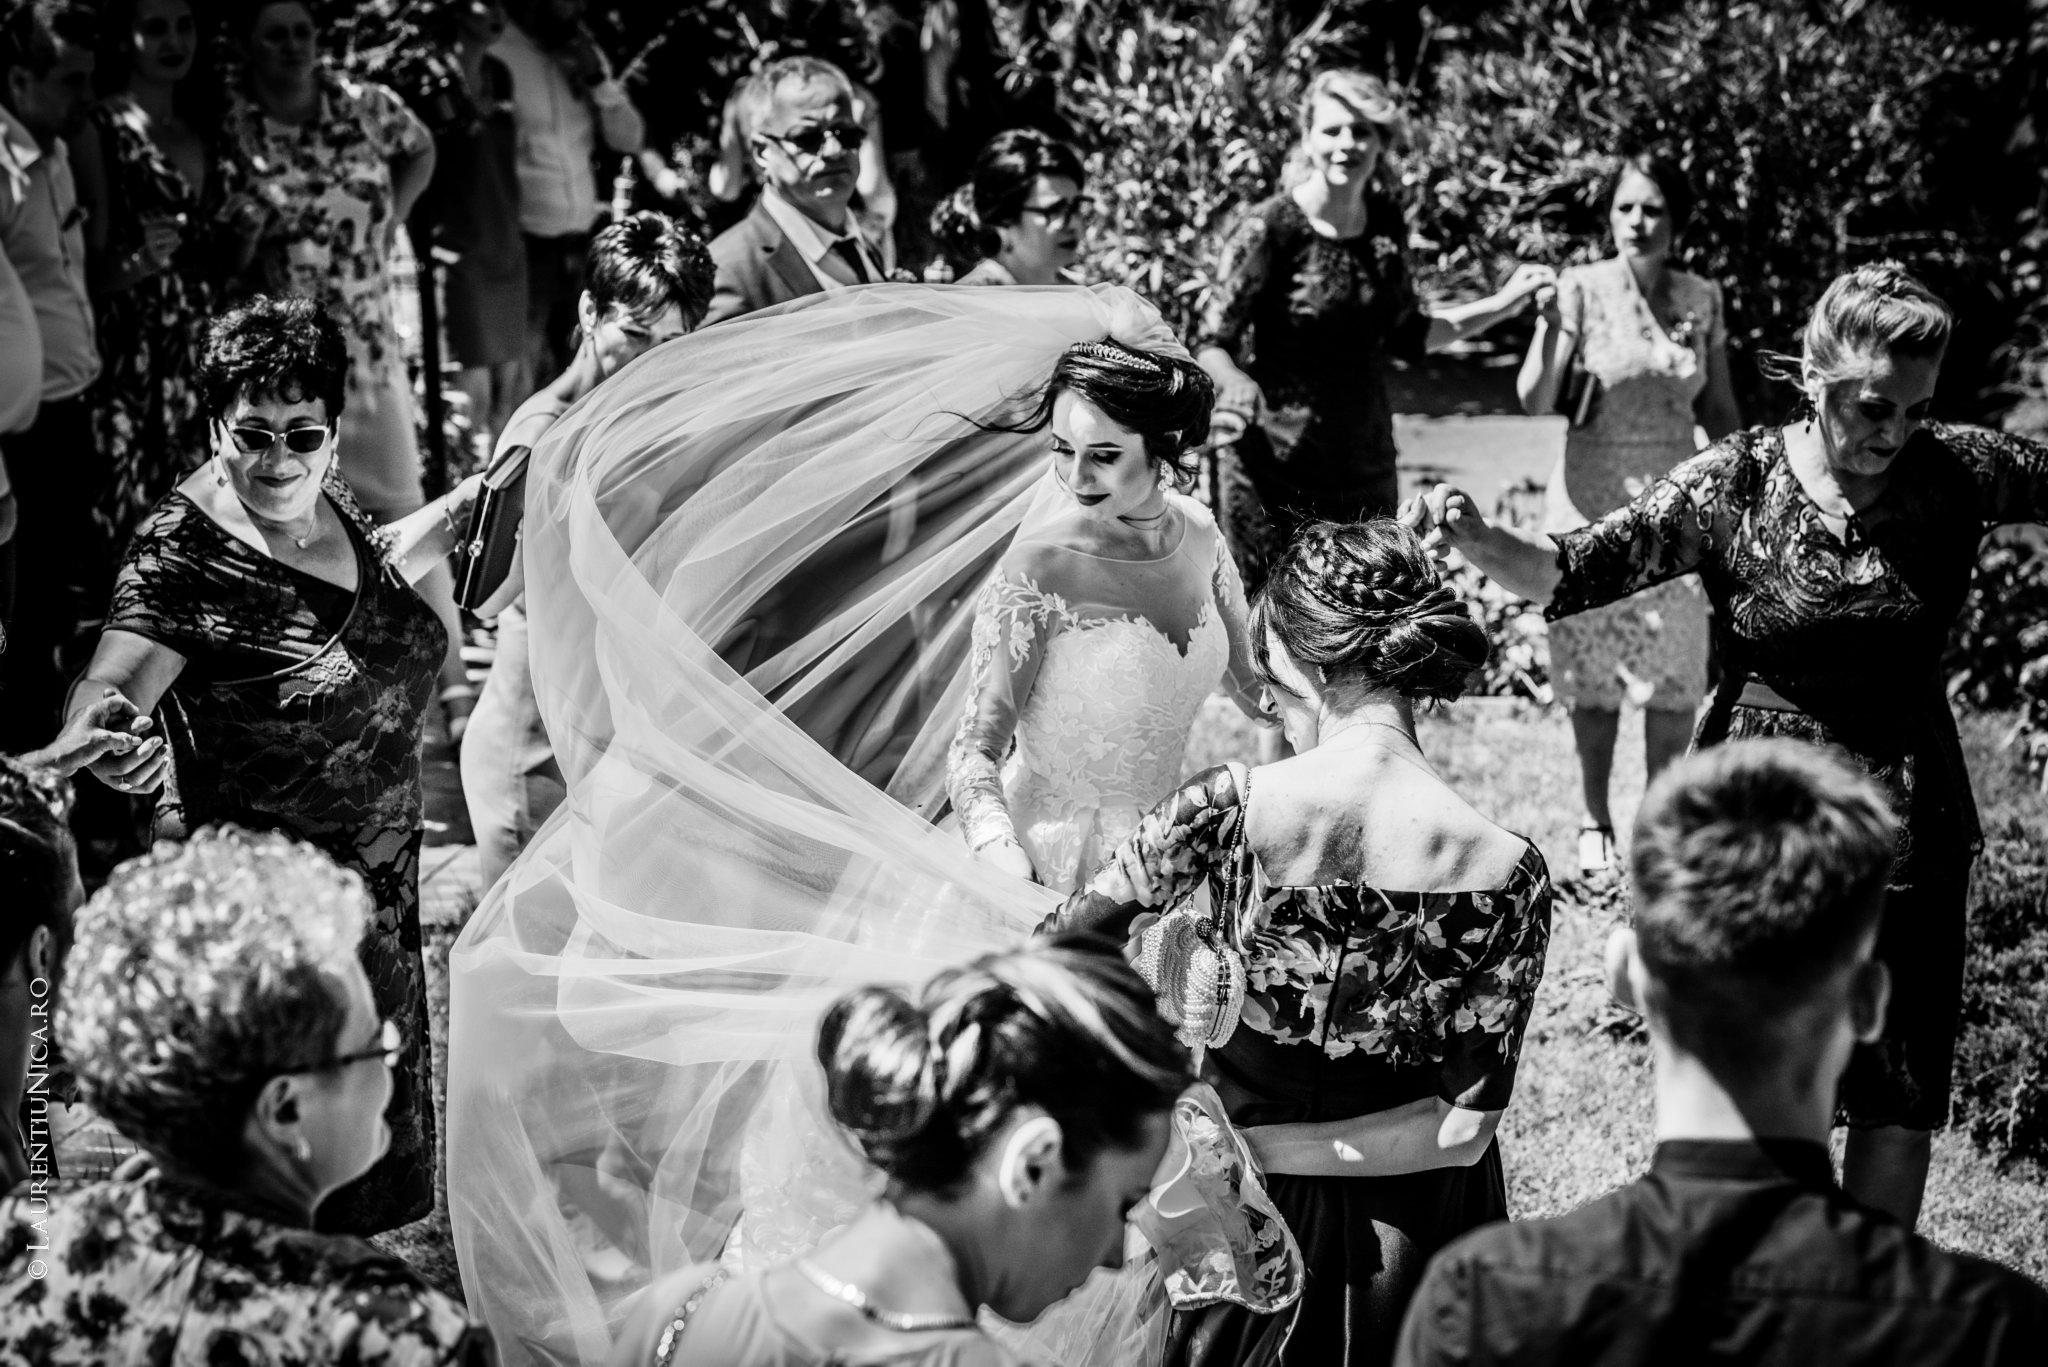 fotografii nunta denisa si florin craiova 18 - Denisa & Florin | Fotografii nunta | Craiova